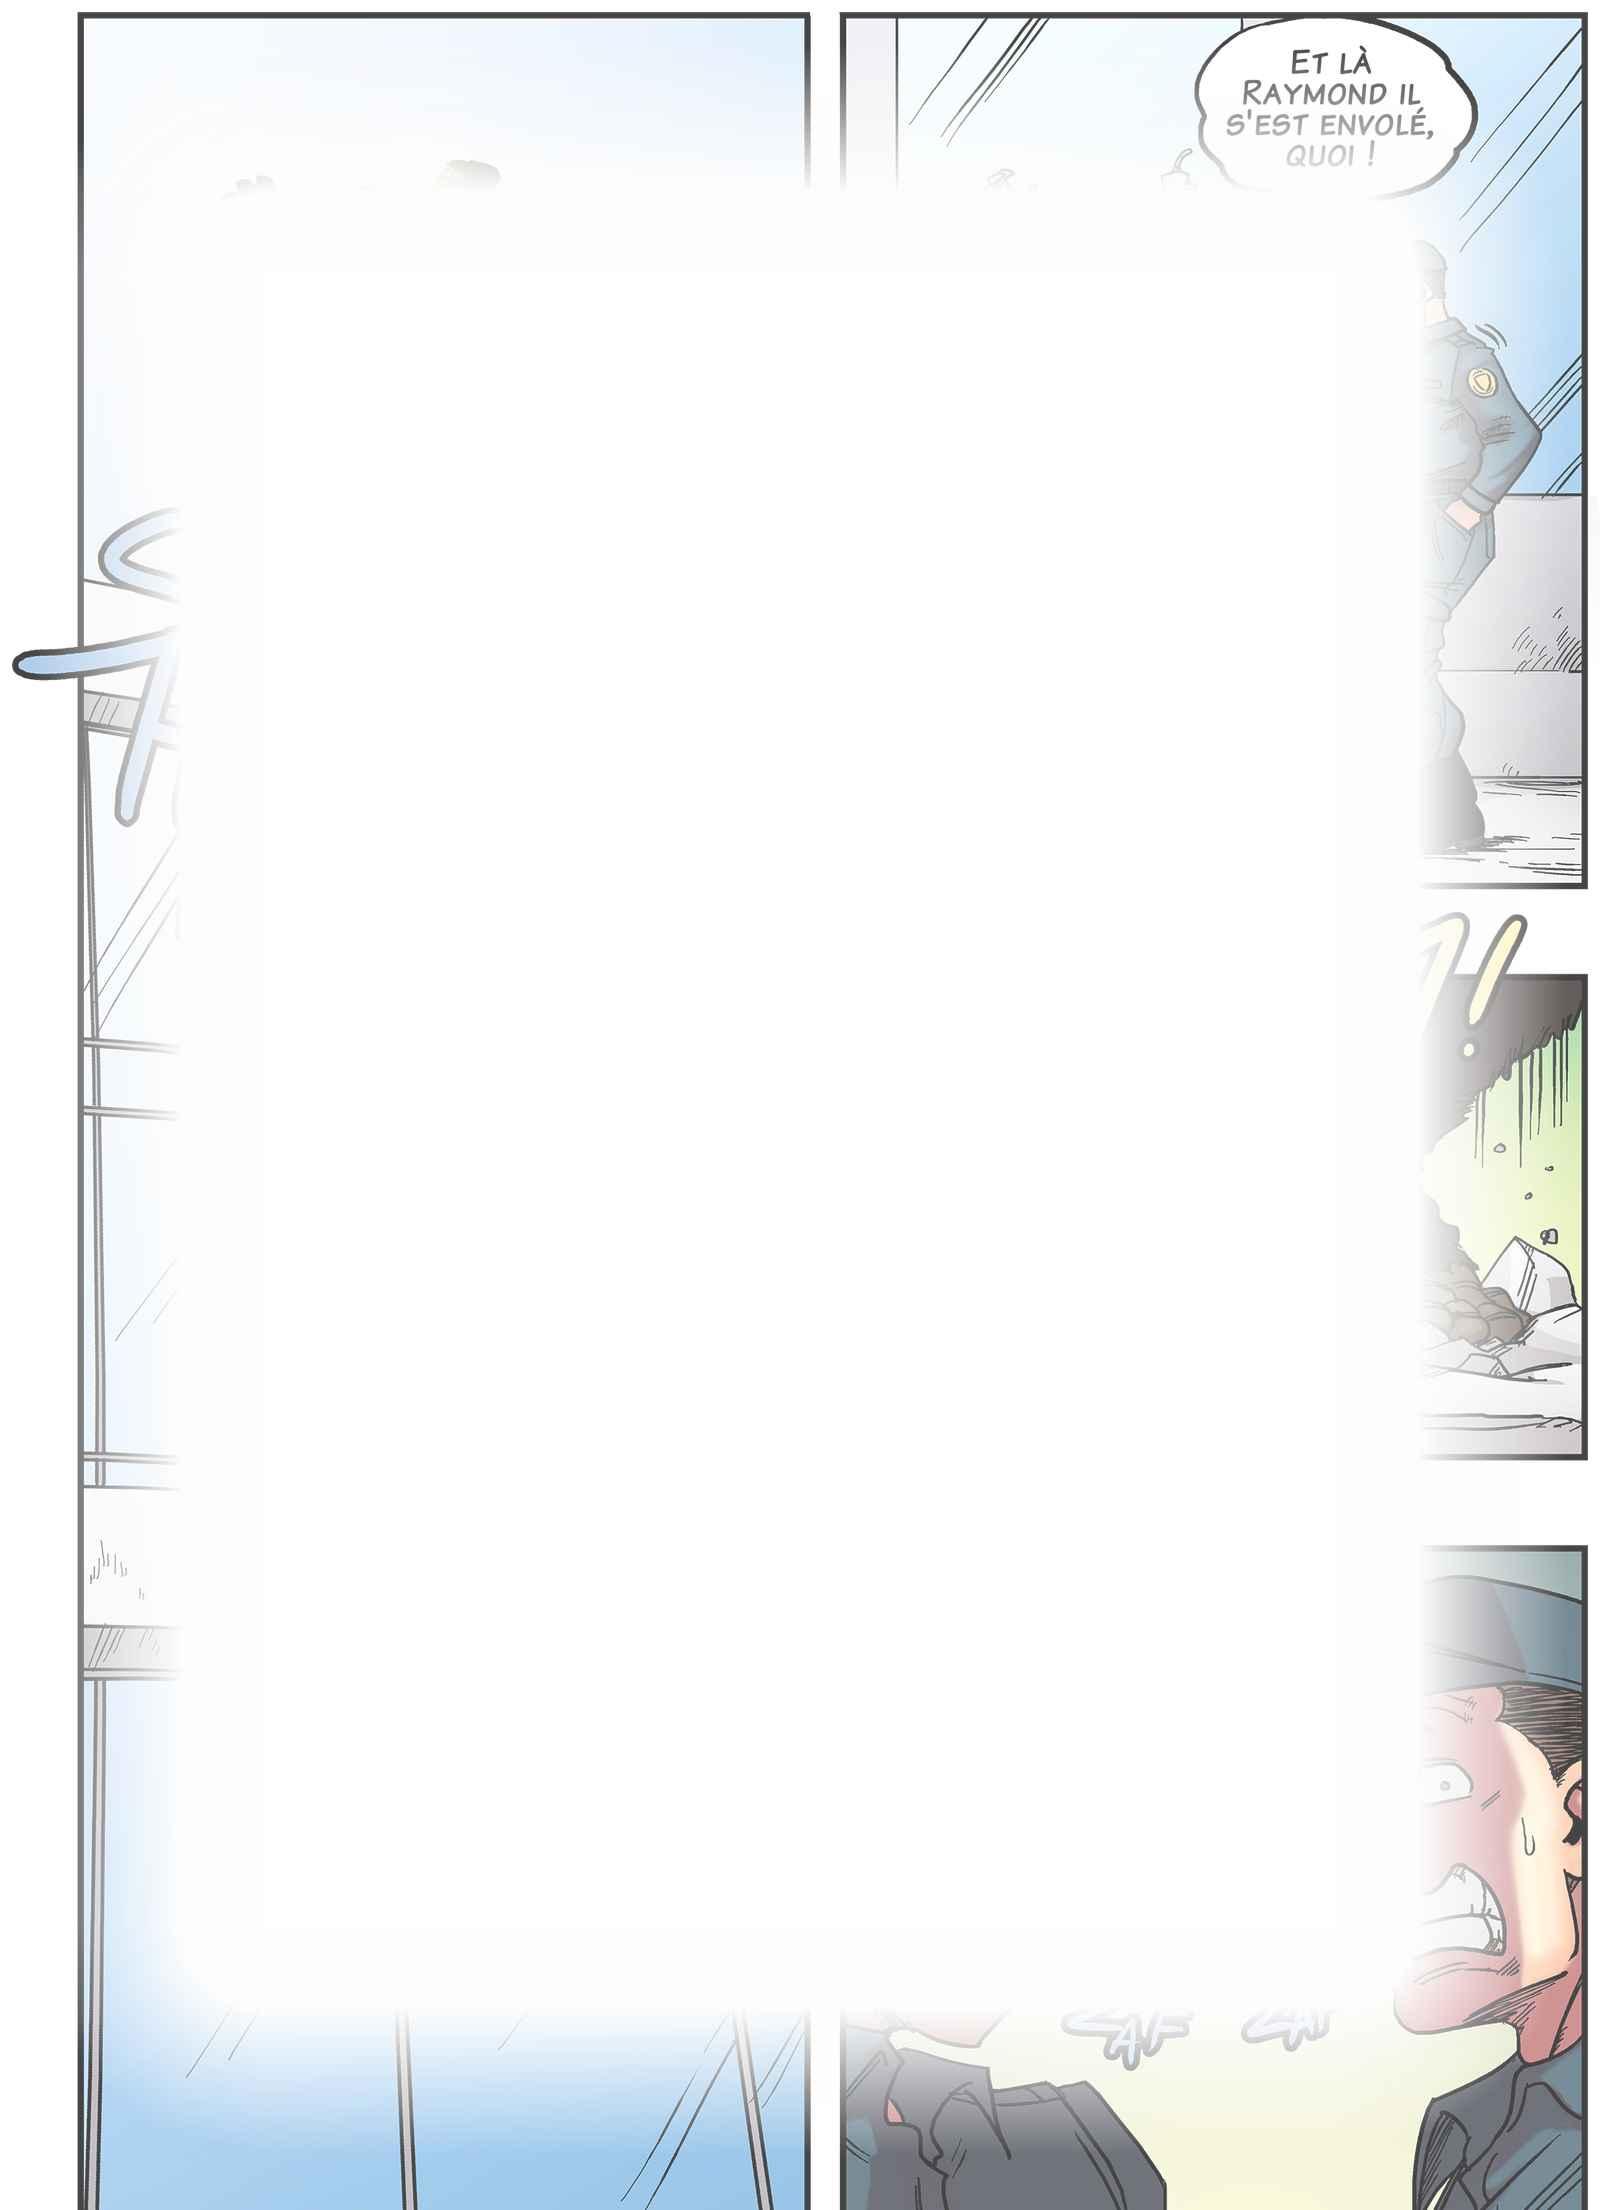 Hémisphères : Chapitre 12 page 2